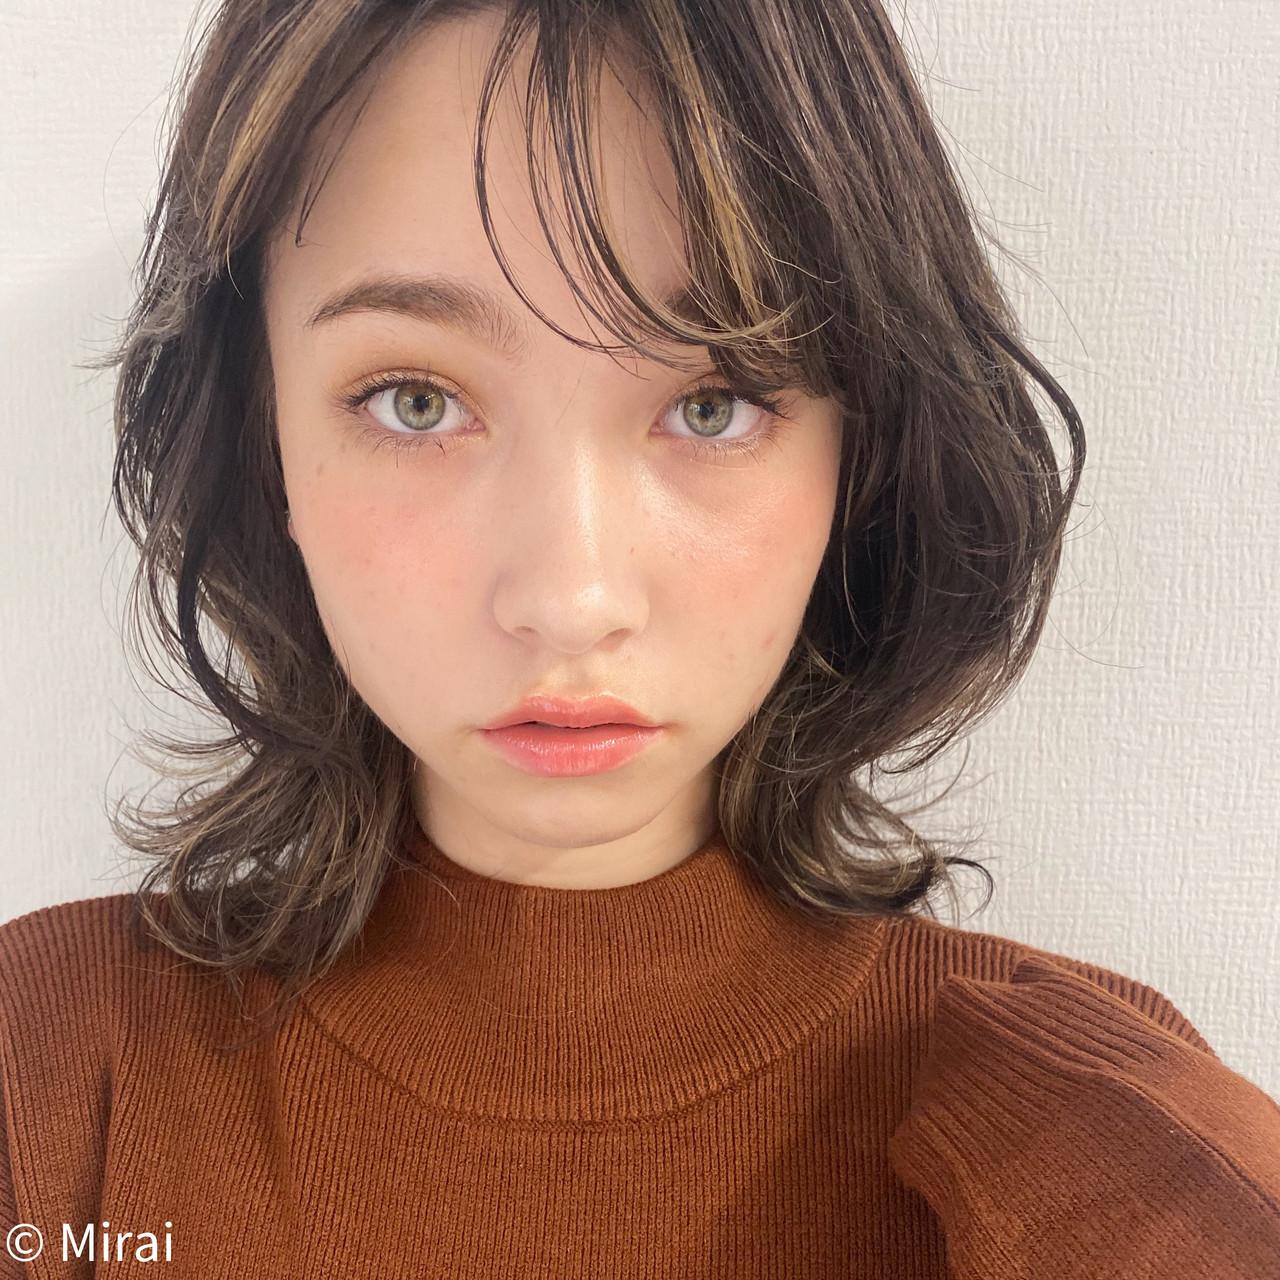 ミディアム オフィス アンニュイほつれヘア ハイライト ヘアスタイルや髪型の写真・画像